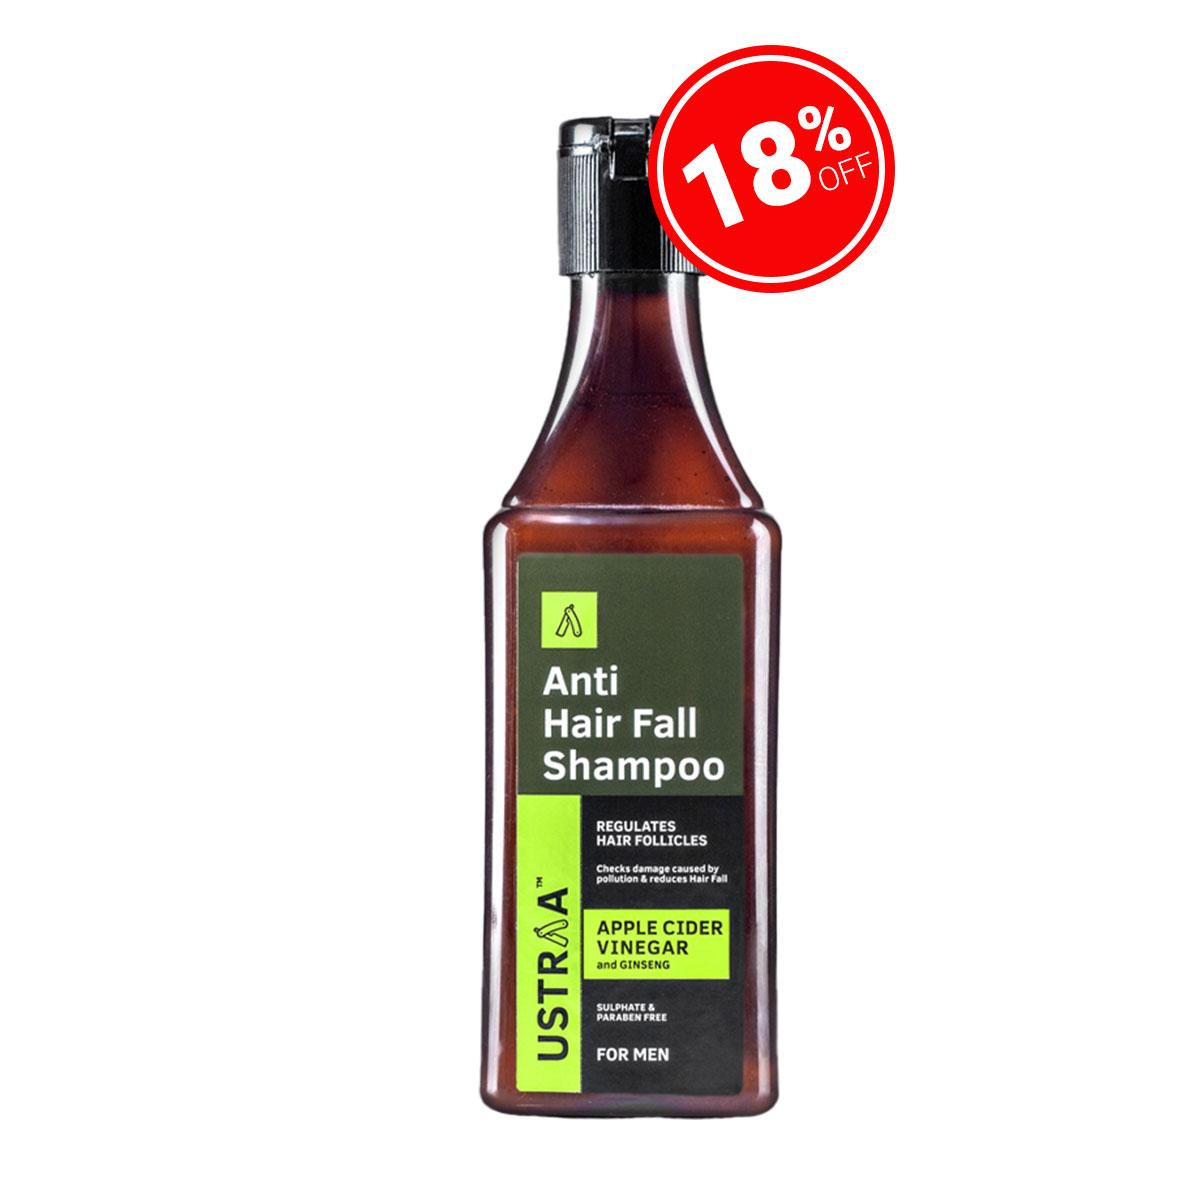 Anti Hair Fall Shampoo with Apple Cider Vinegar - 200 ml